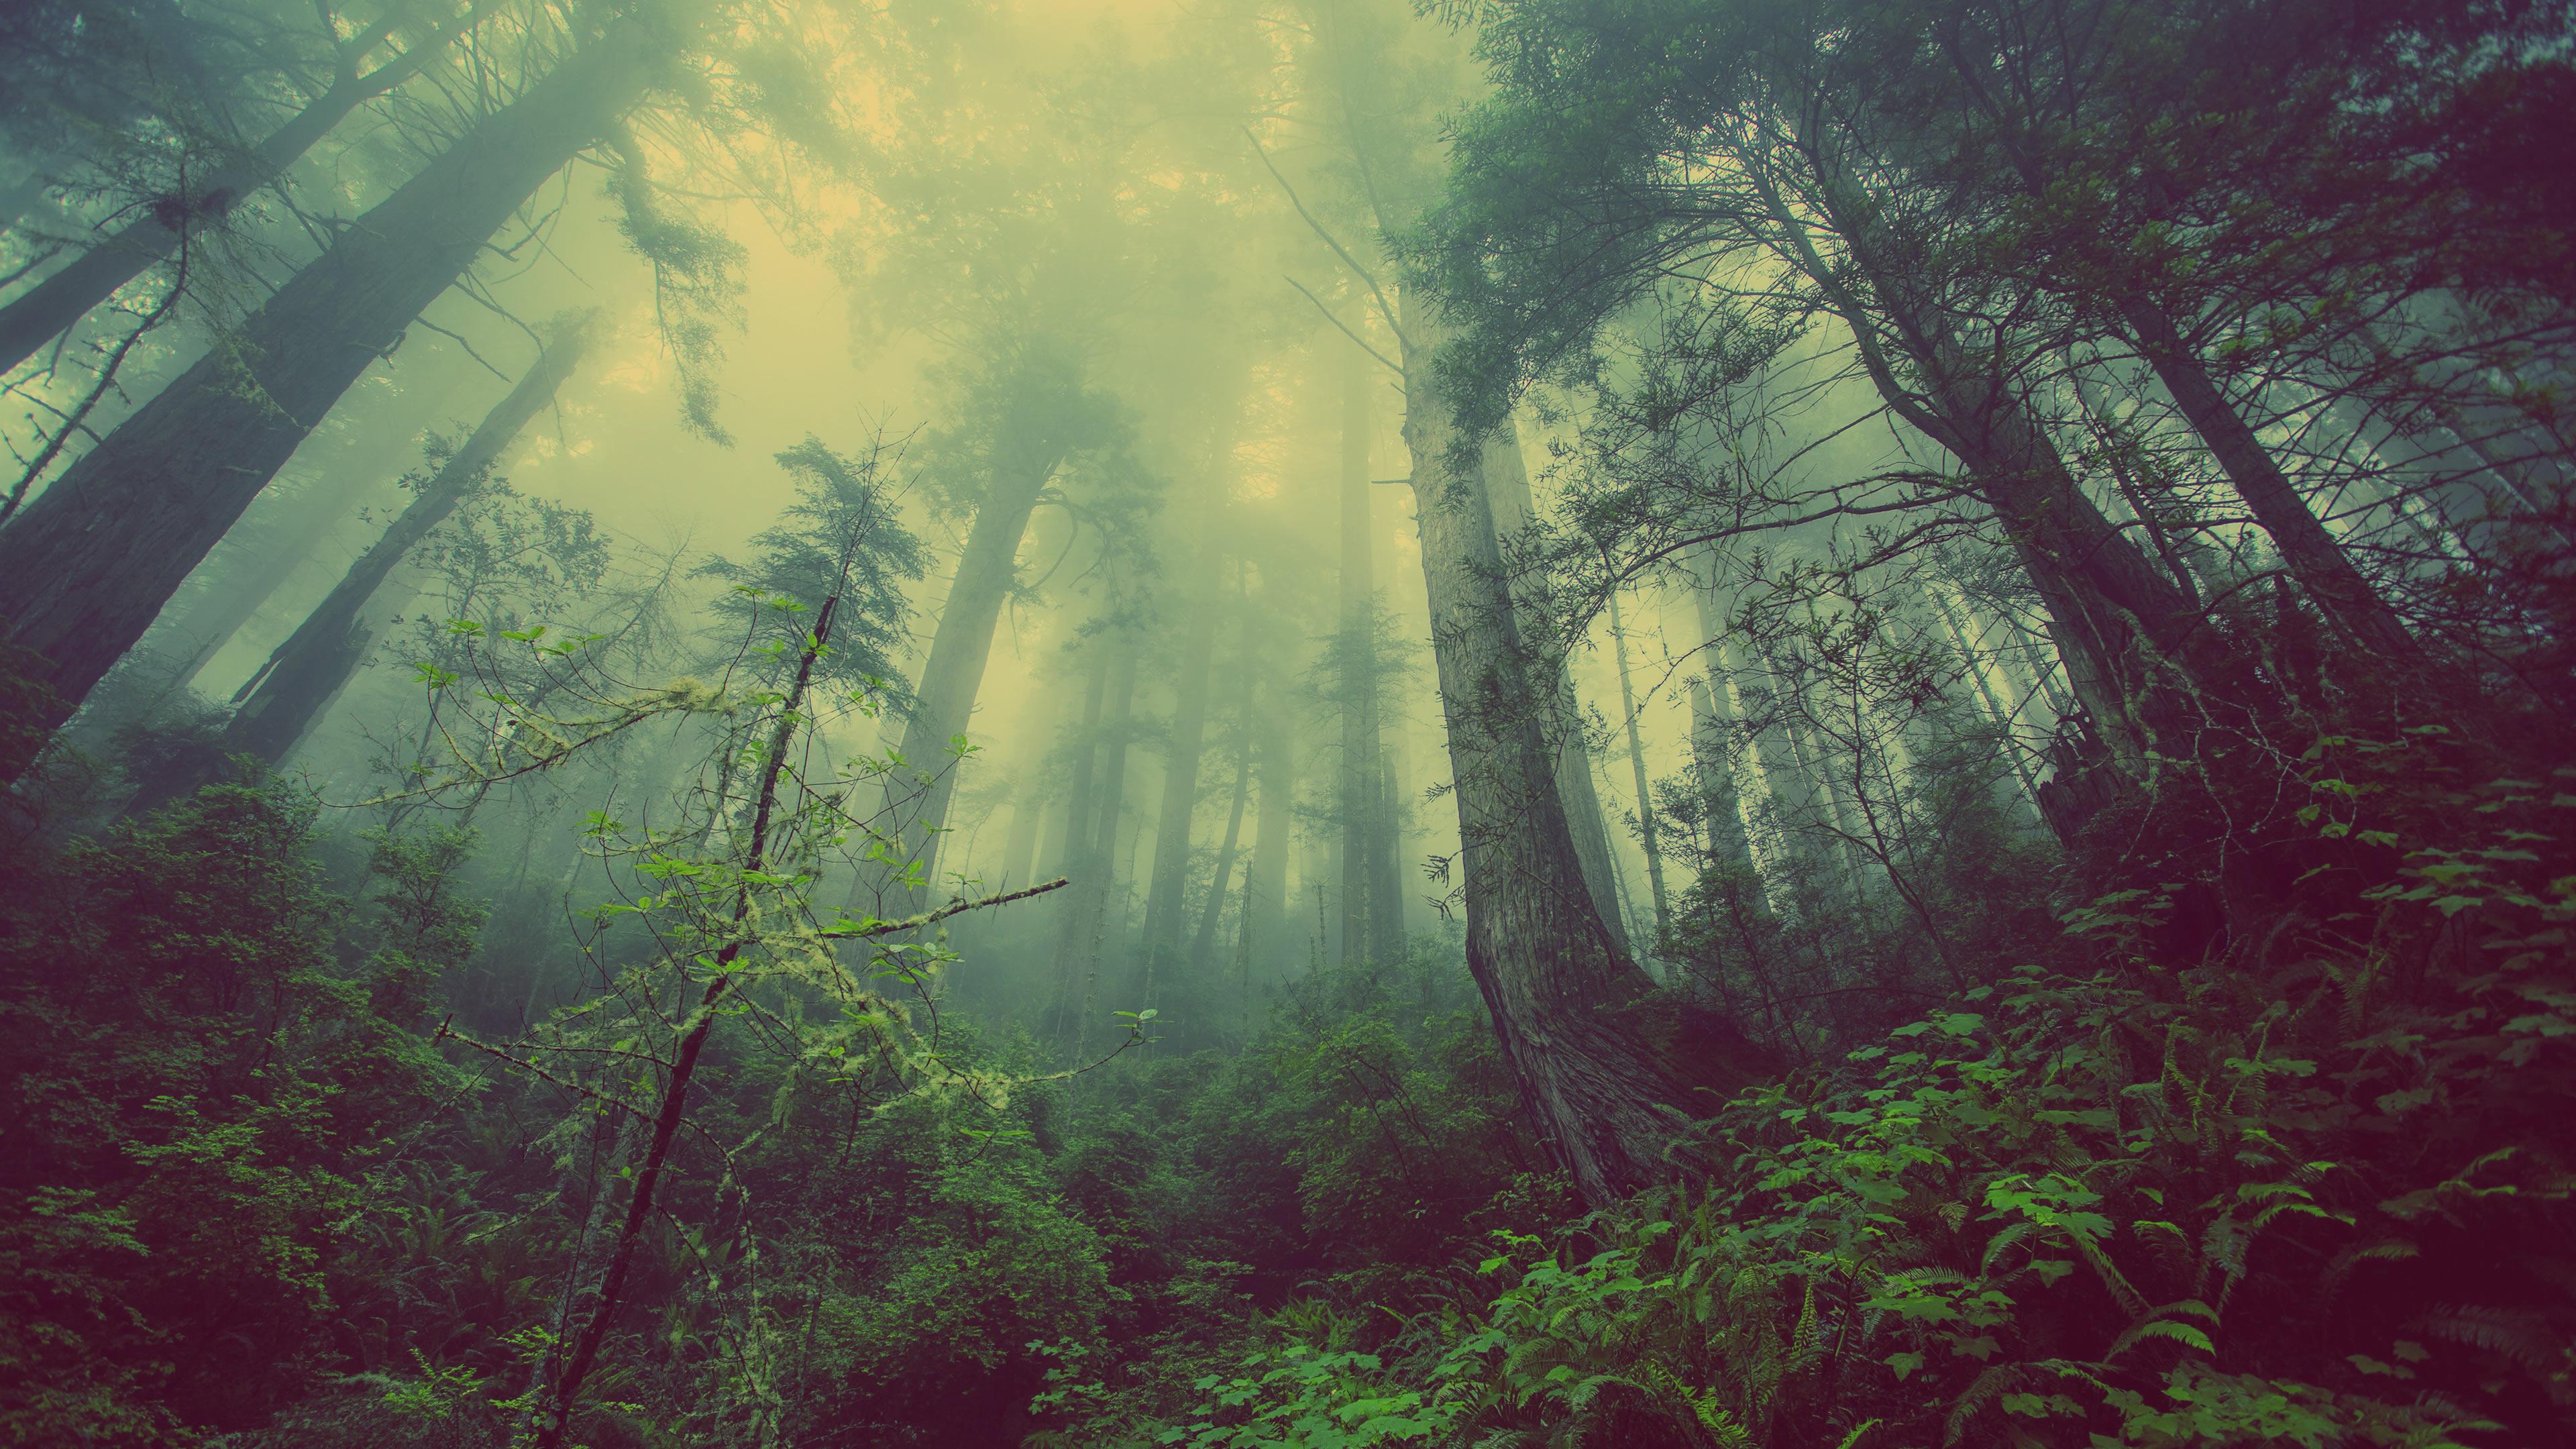 Deep Hazy Forest Wallpaper 3840x2160 ID57643 3840x2160